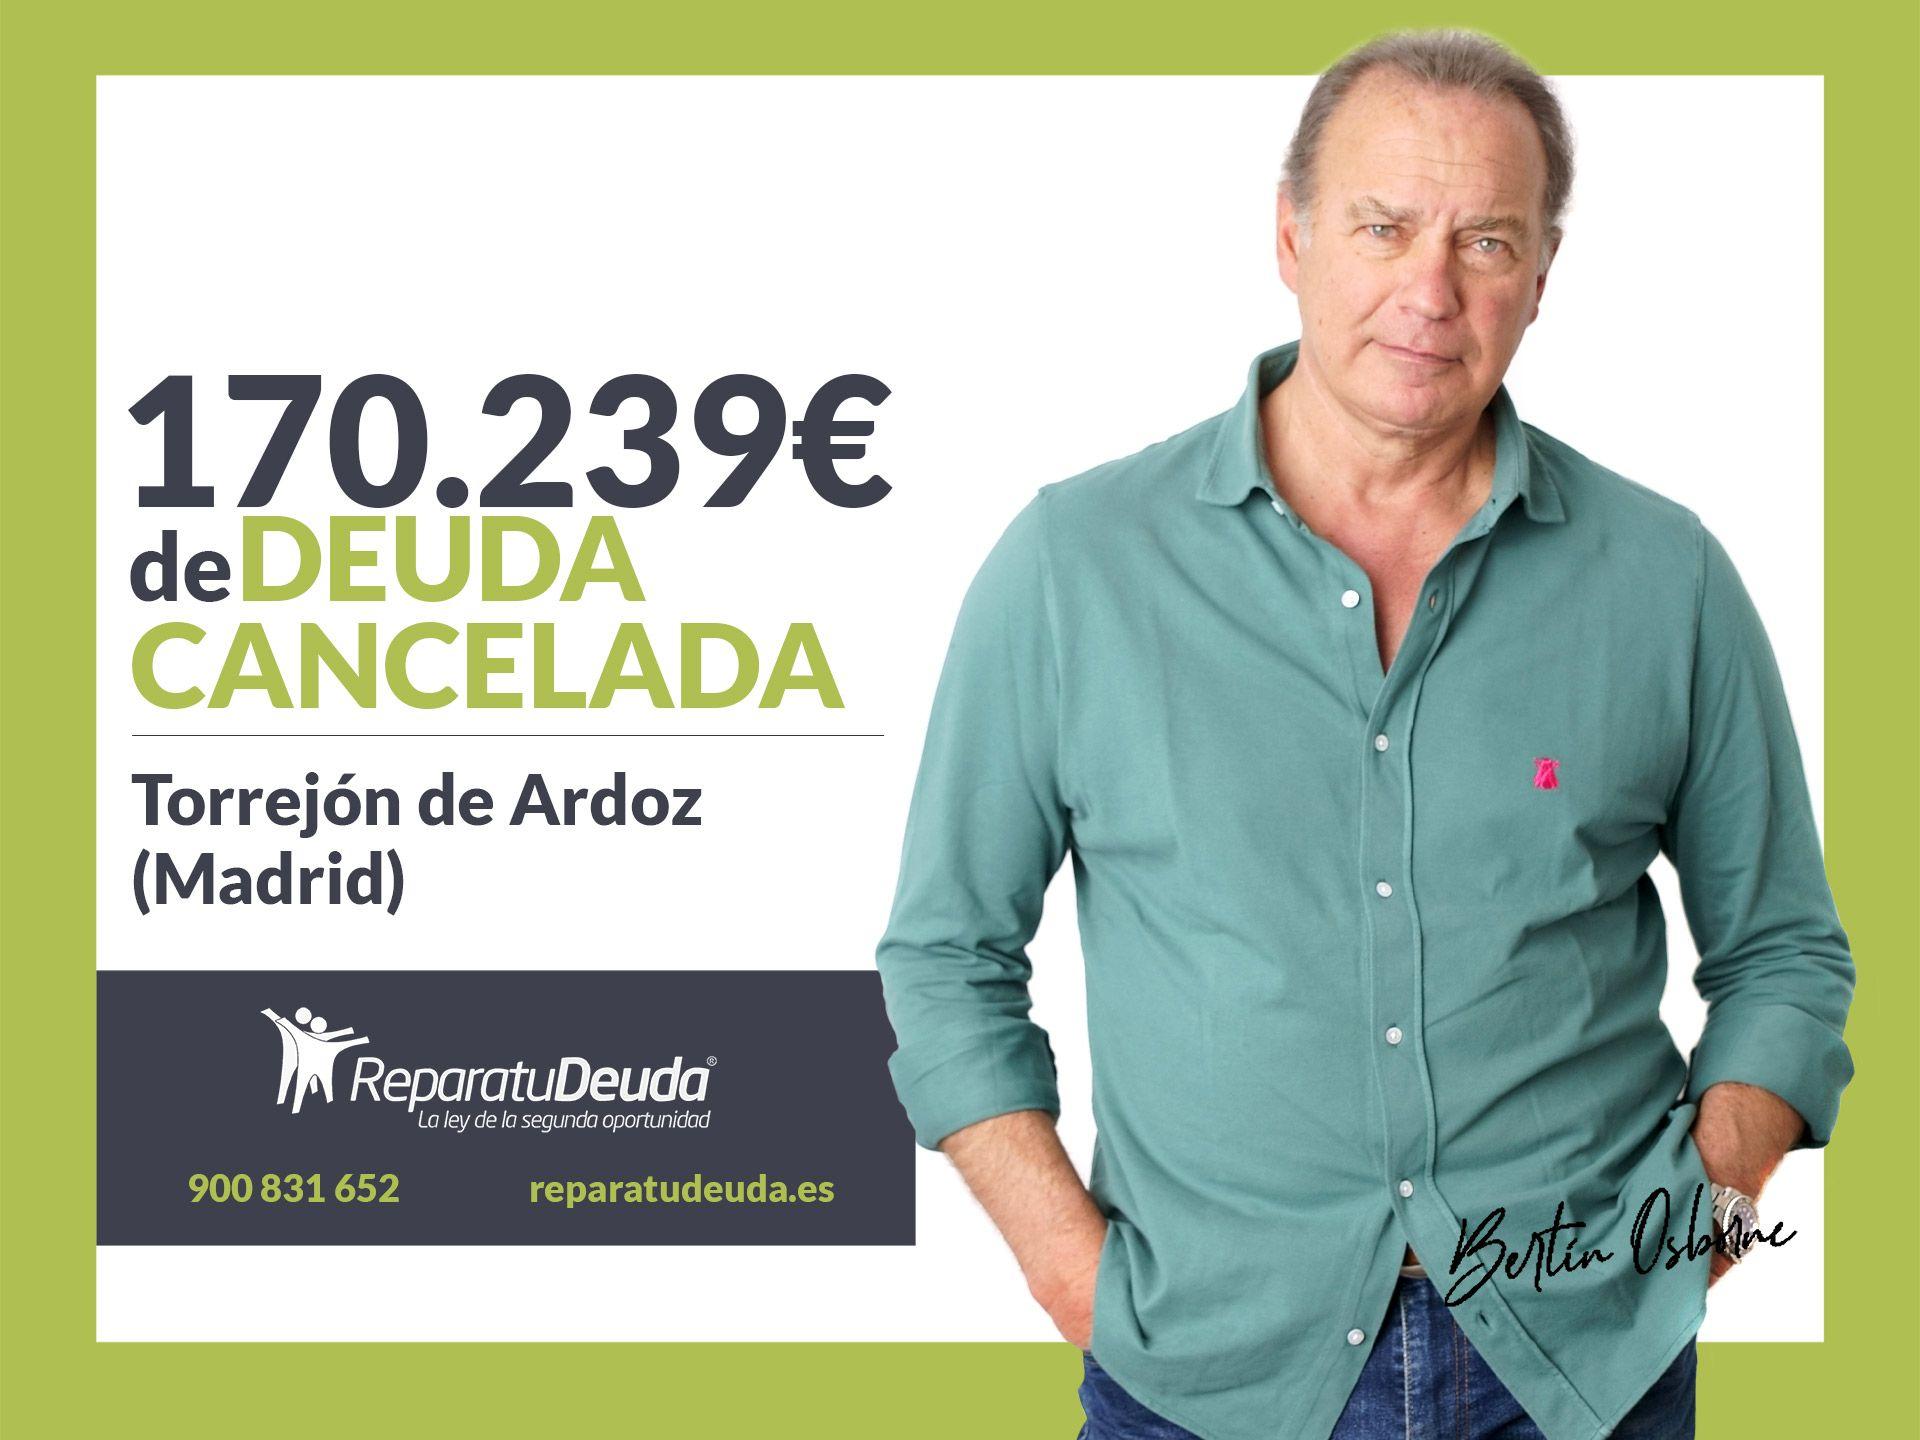 Repara tu Deuda Abogados cancela 170.239€ en Torrejón de Ardoz (Madrid) con la Ley de Segunda Oportunidad